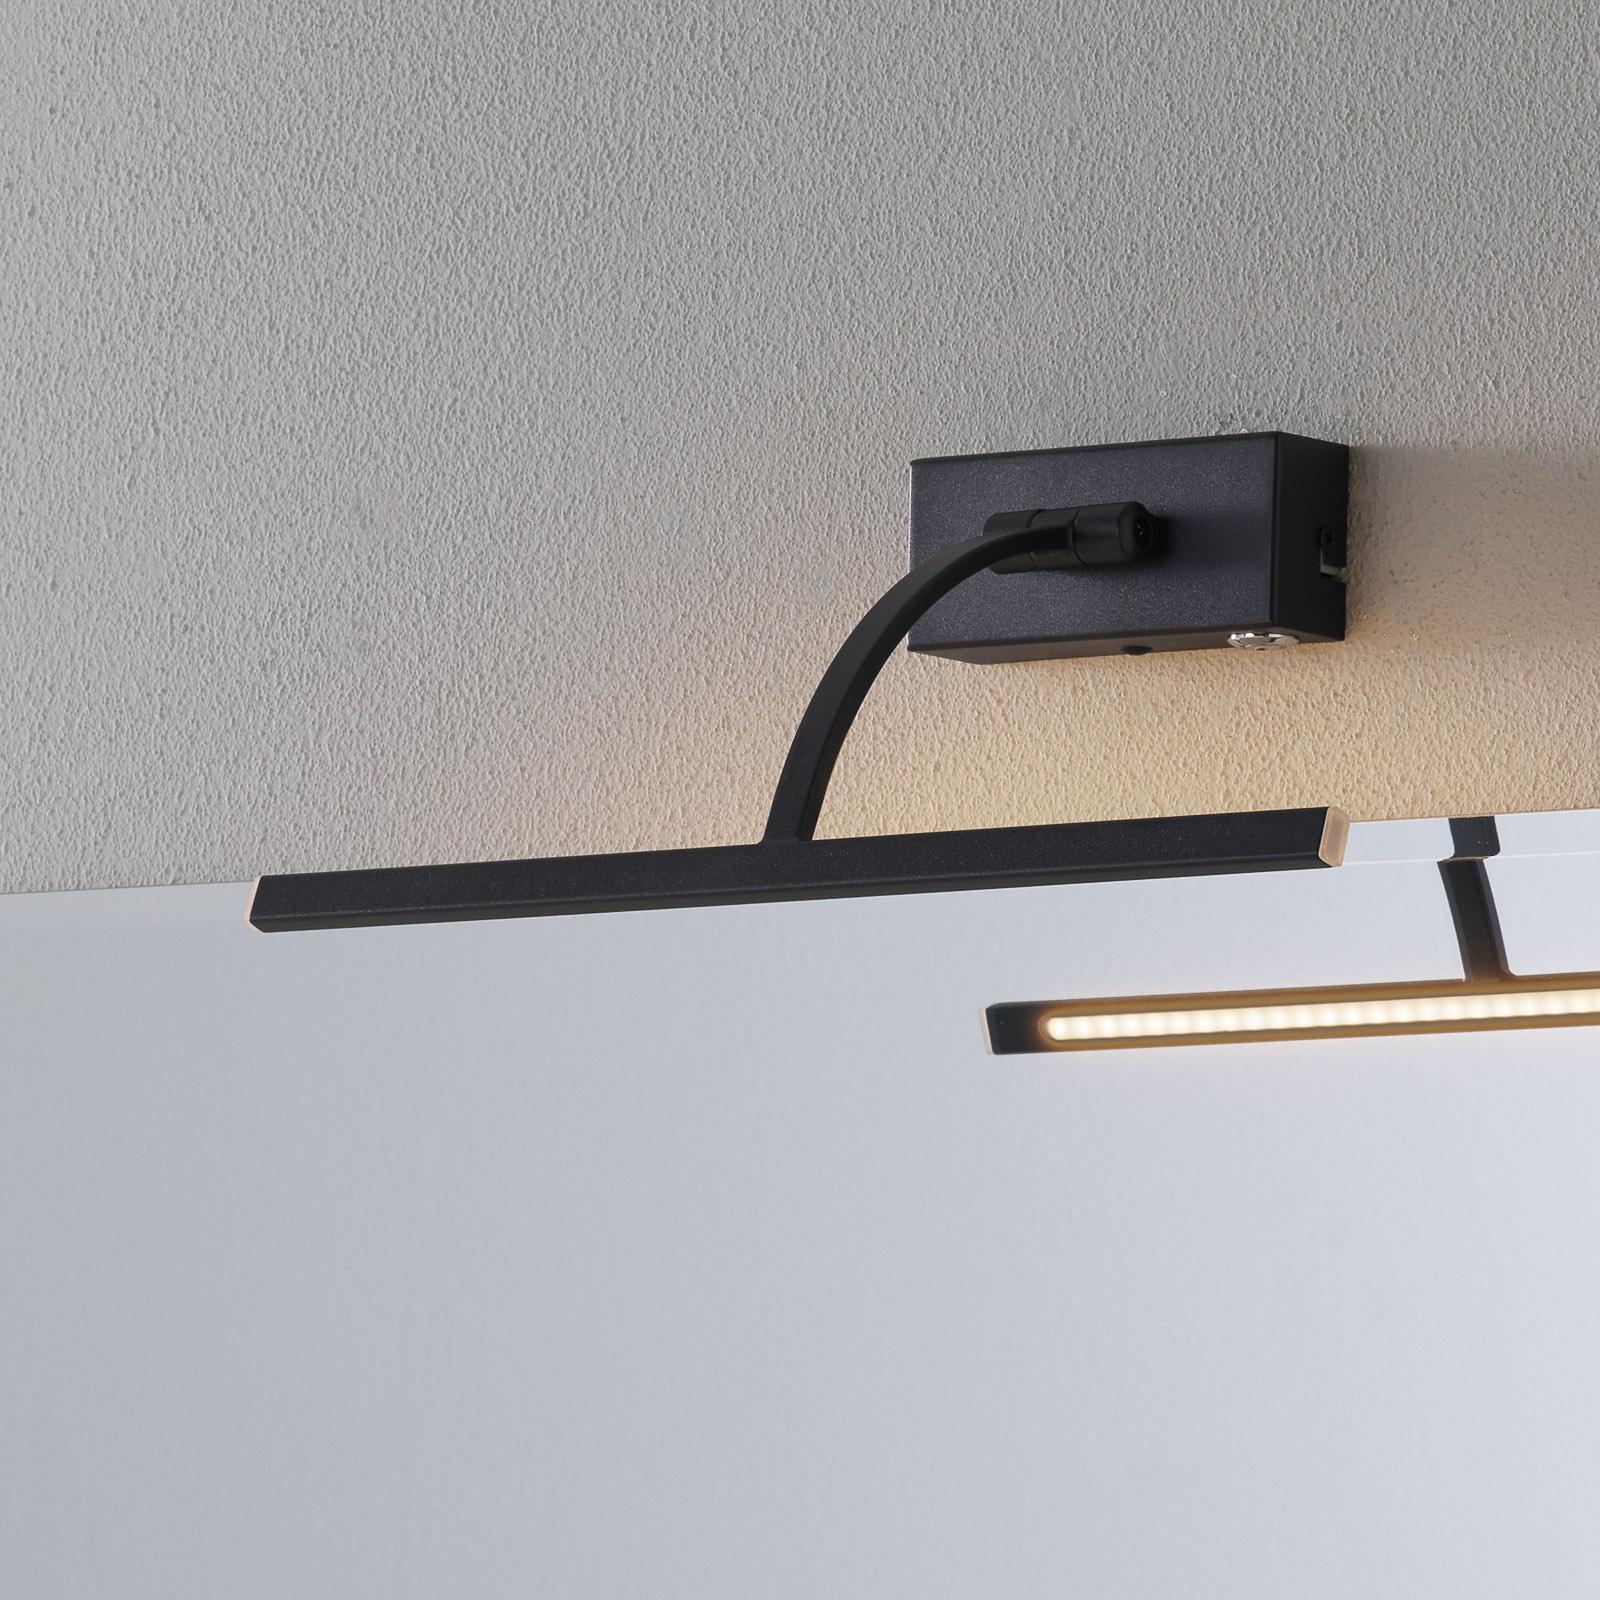 LED-vegglampe Matisse, bredde 34 cm, svart